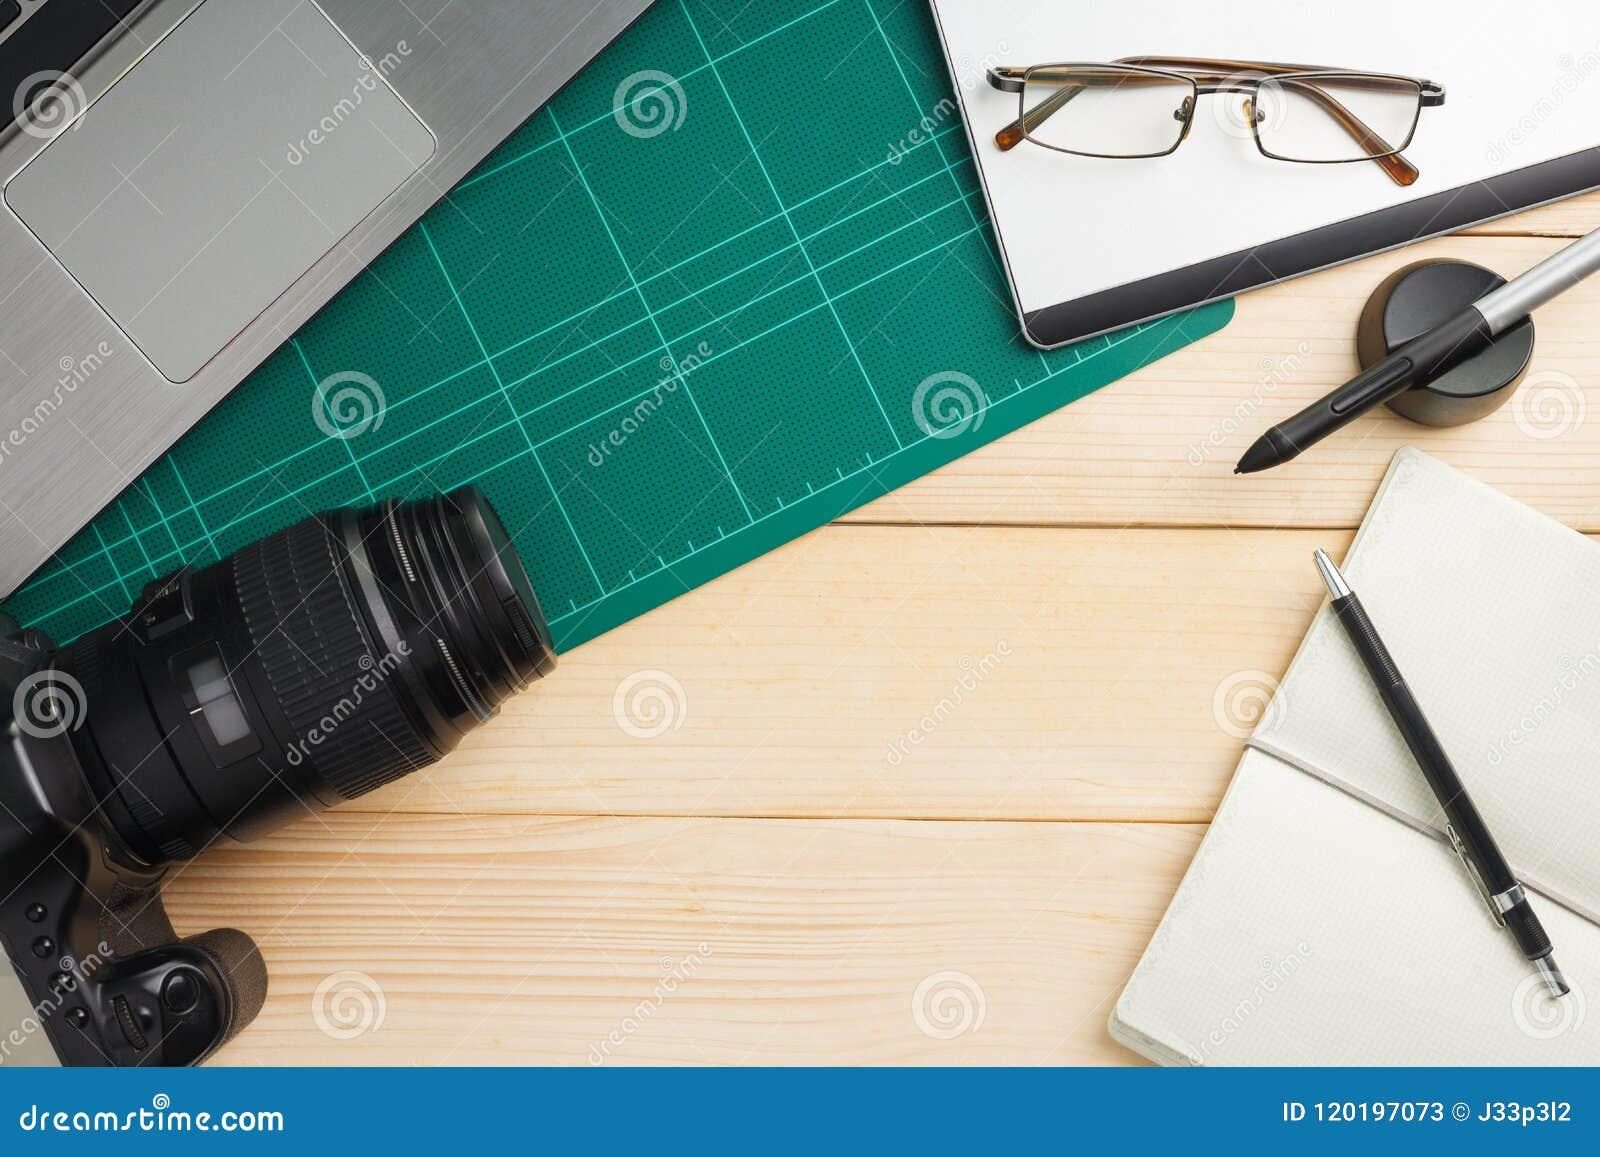 Büromaterial und -geräte auf hölzernem Schreibtisch